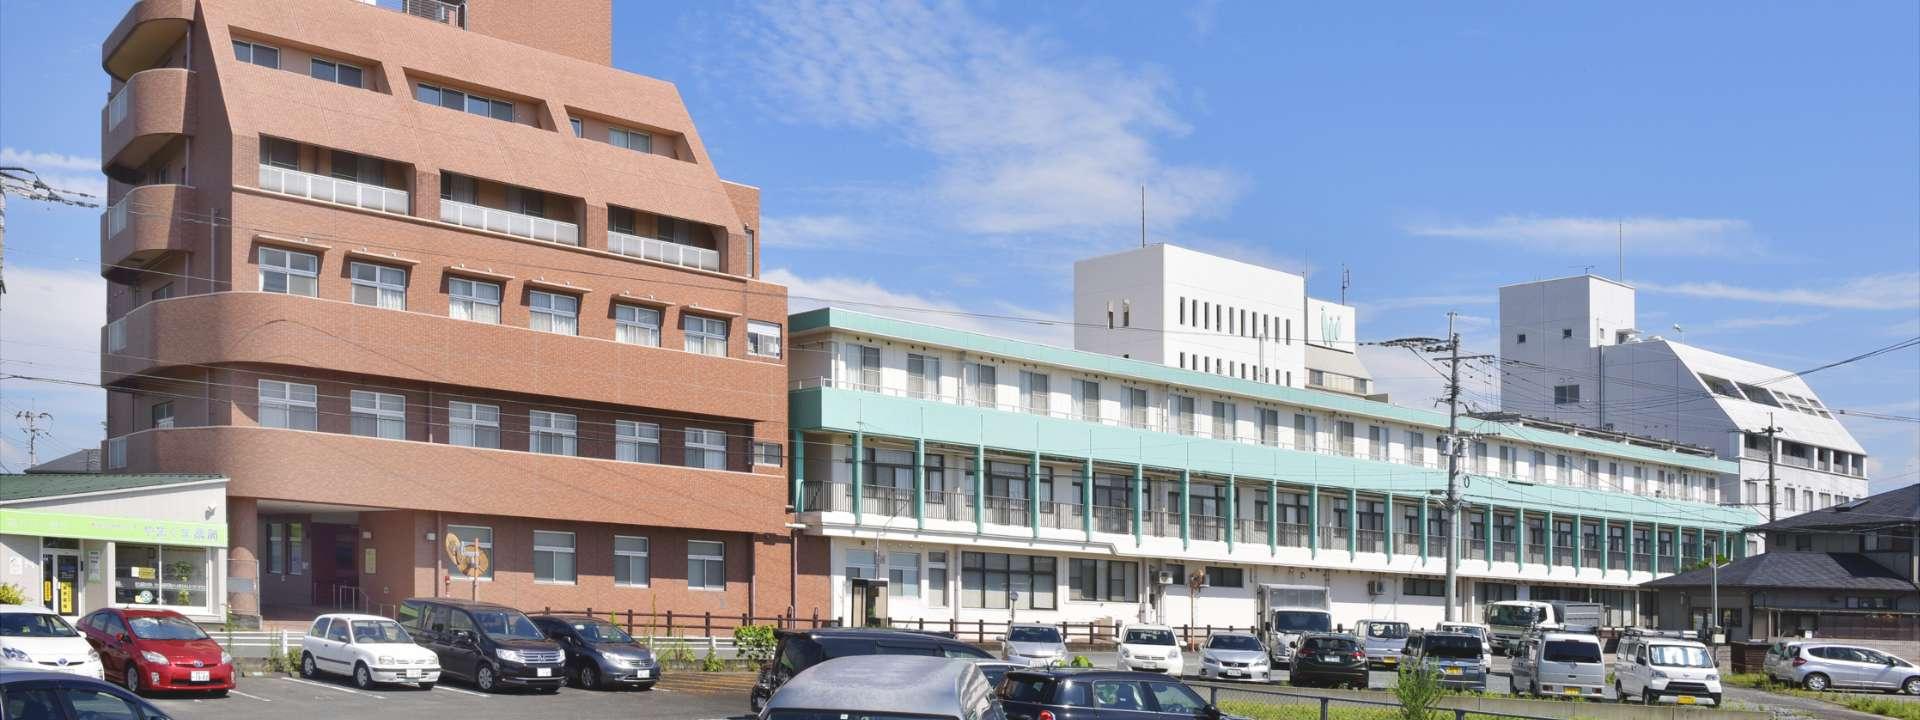 新古賀リハビリテーション病院 みらい_01